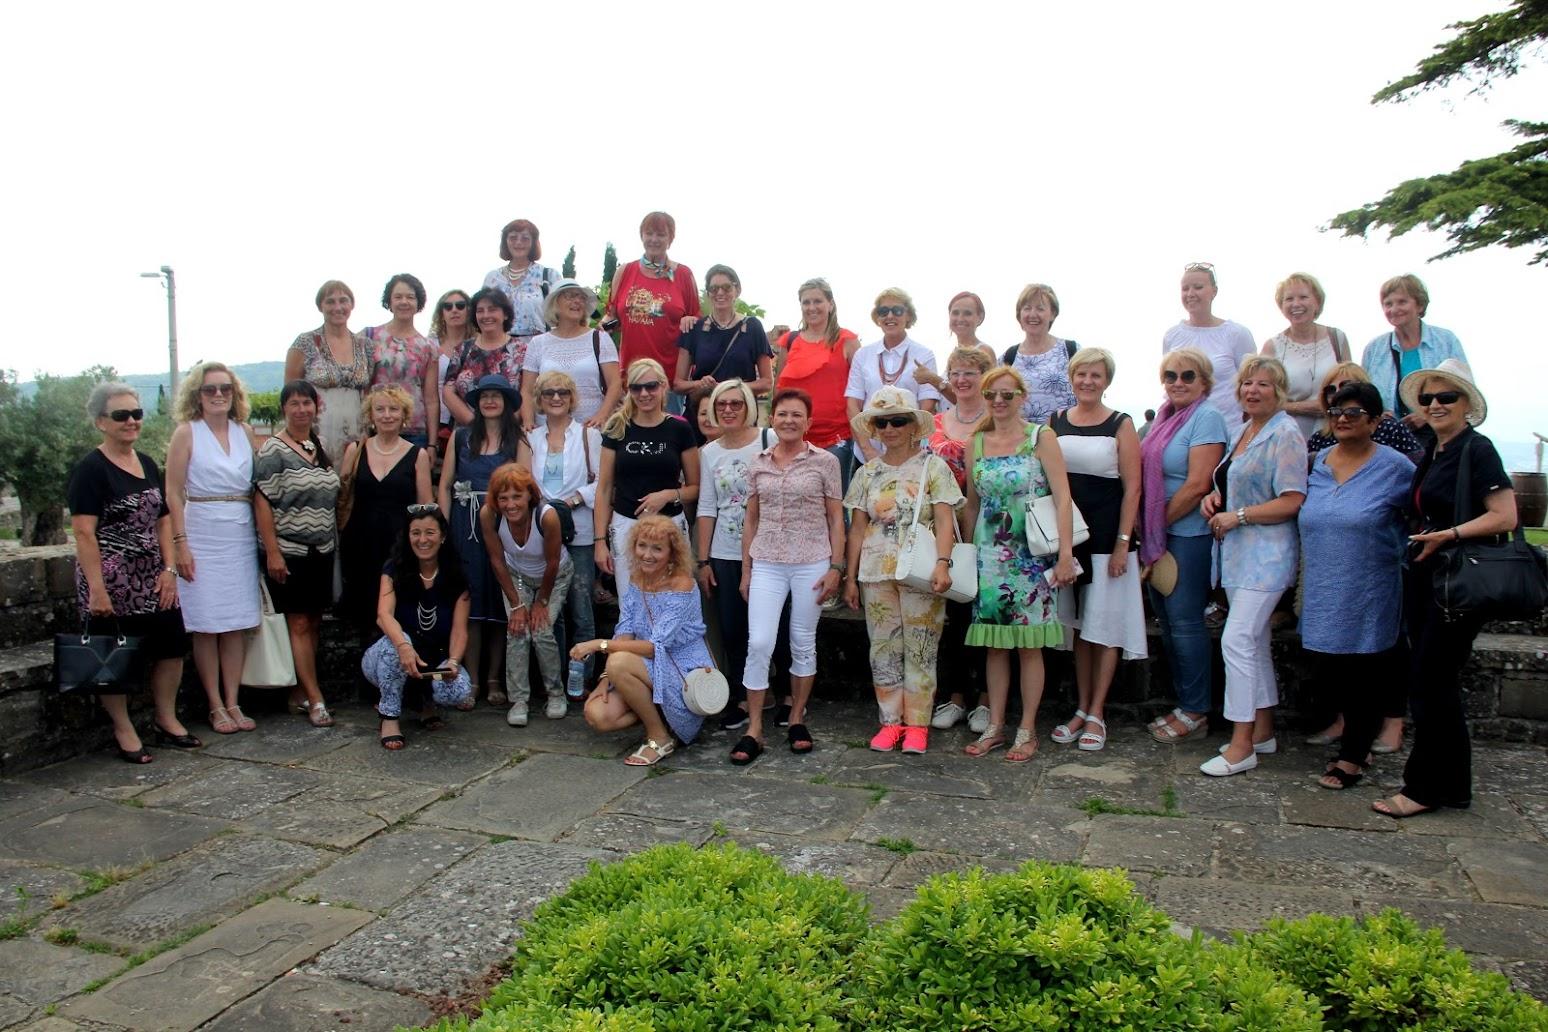 Junijsko srečanje FAM s piknikom v Montinjanu – 20. 6. 2019